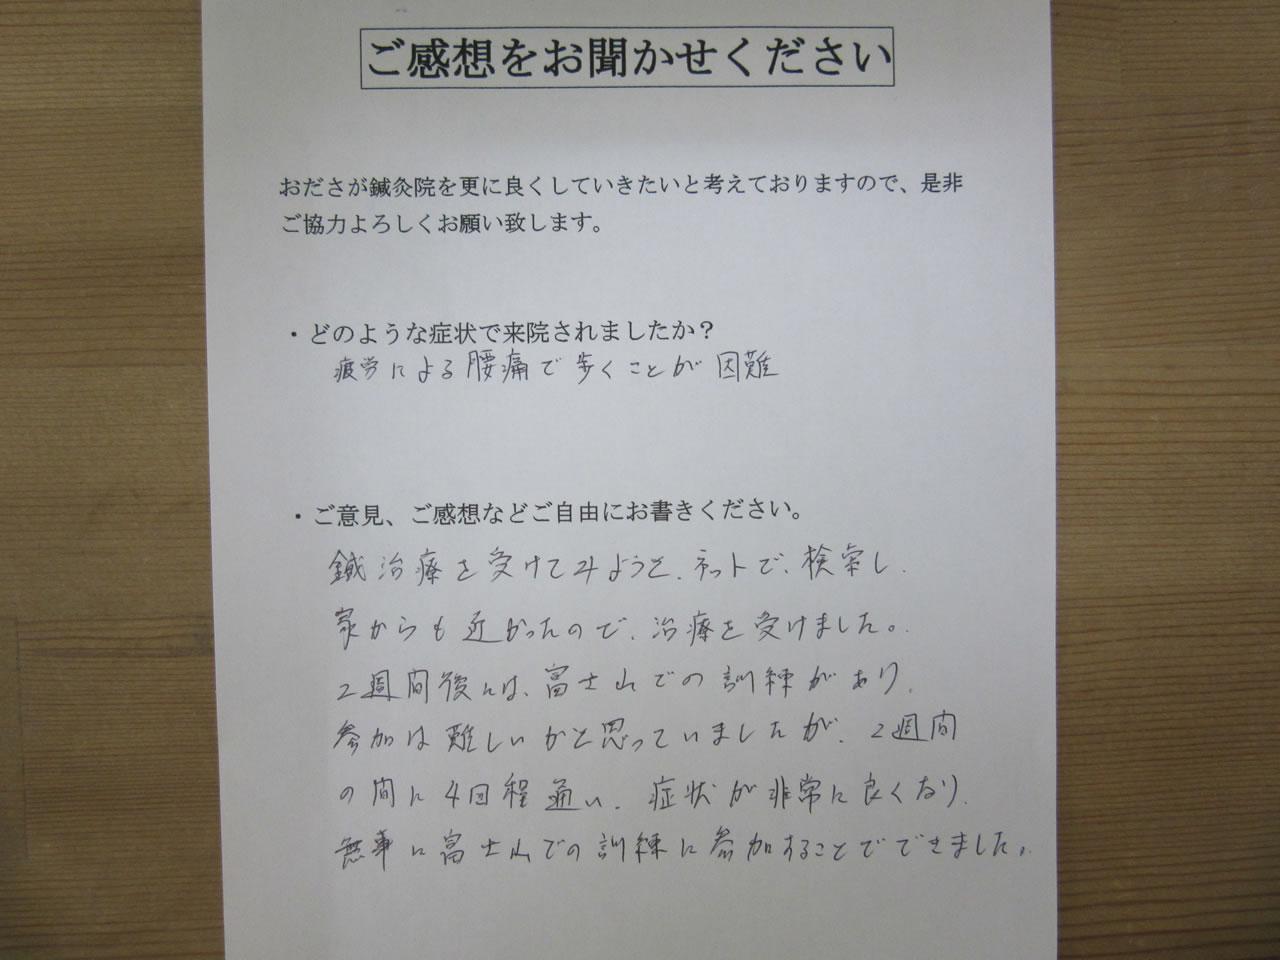 患者からの 手書き手紙 自衛隊 坐骨神経痛